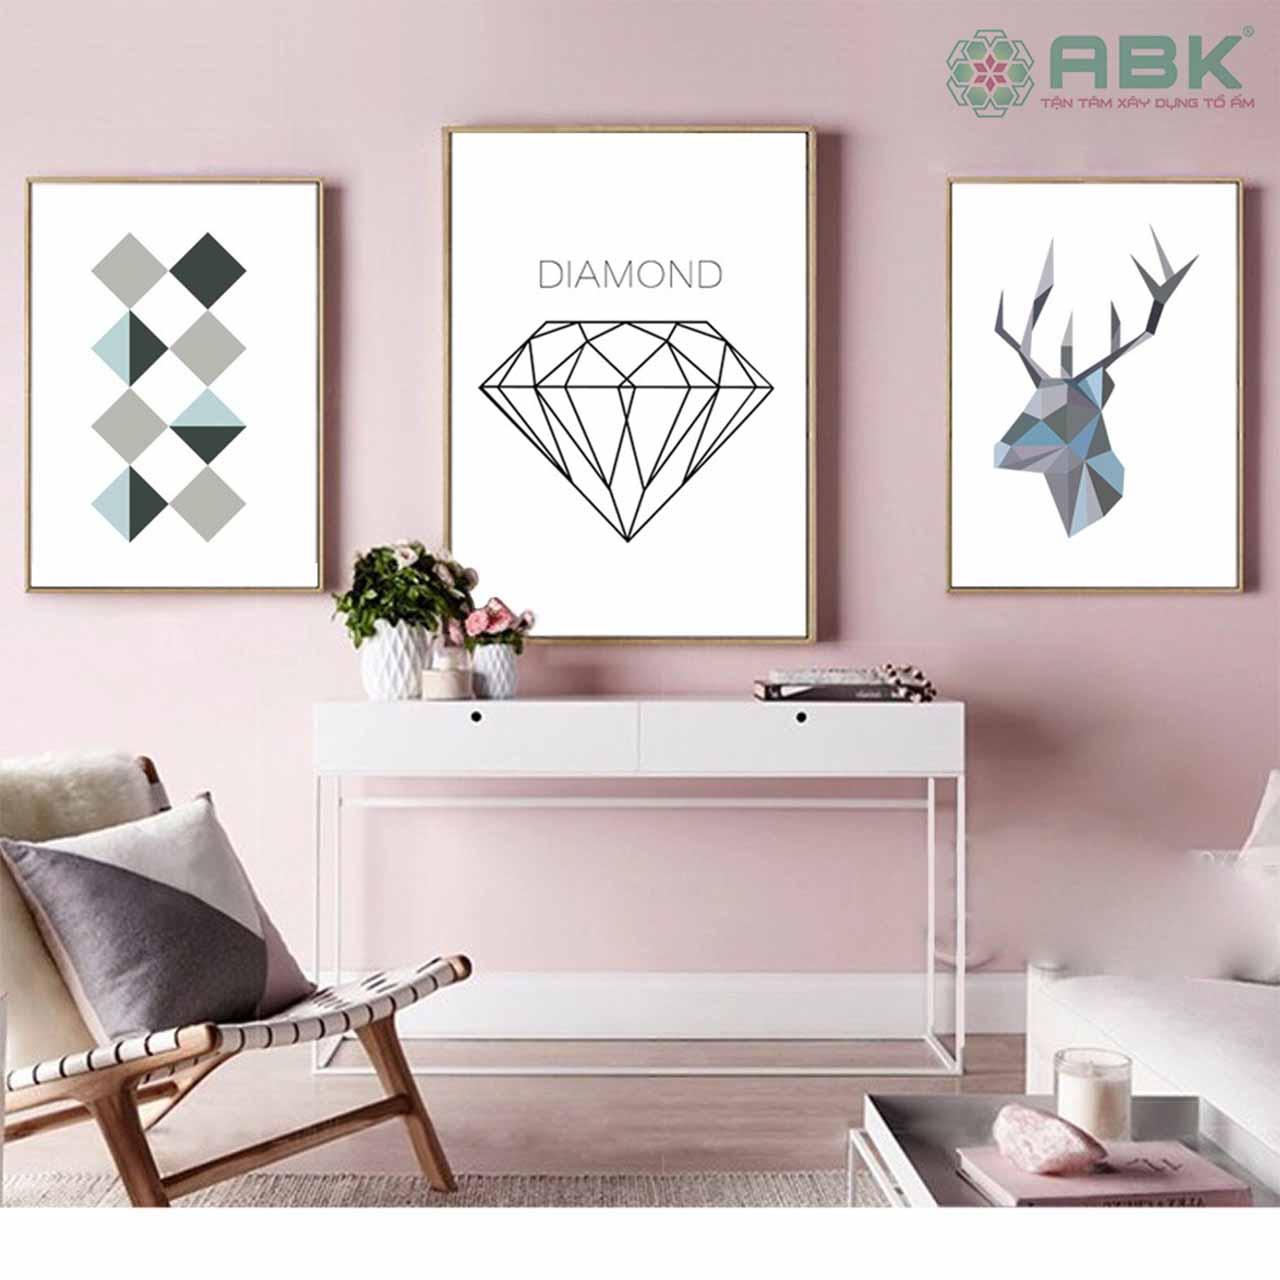 Phong cách thiết kế nội thất phòng khách đẹp nhất năm 2017